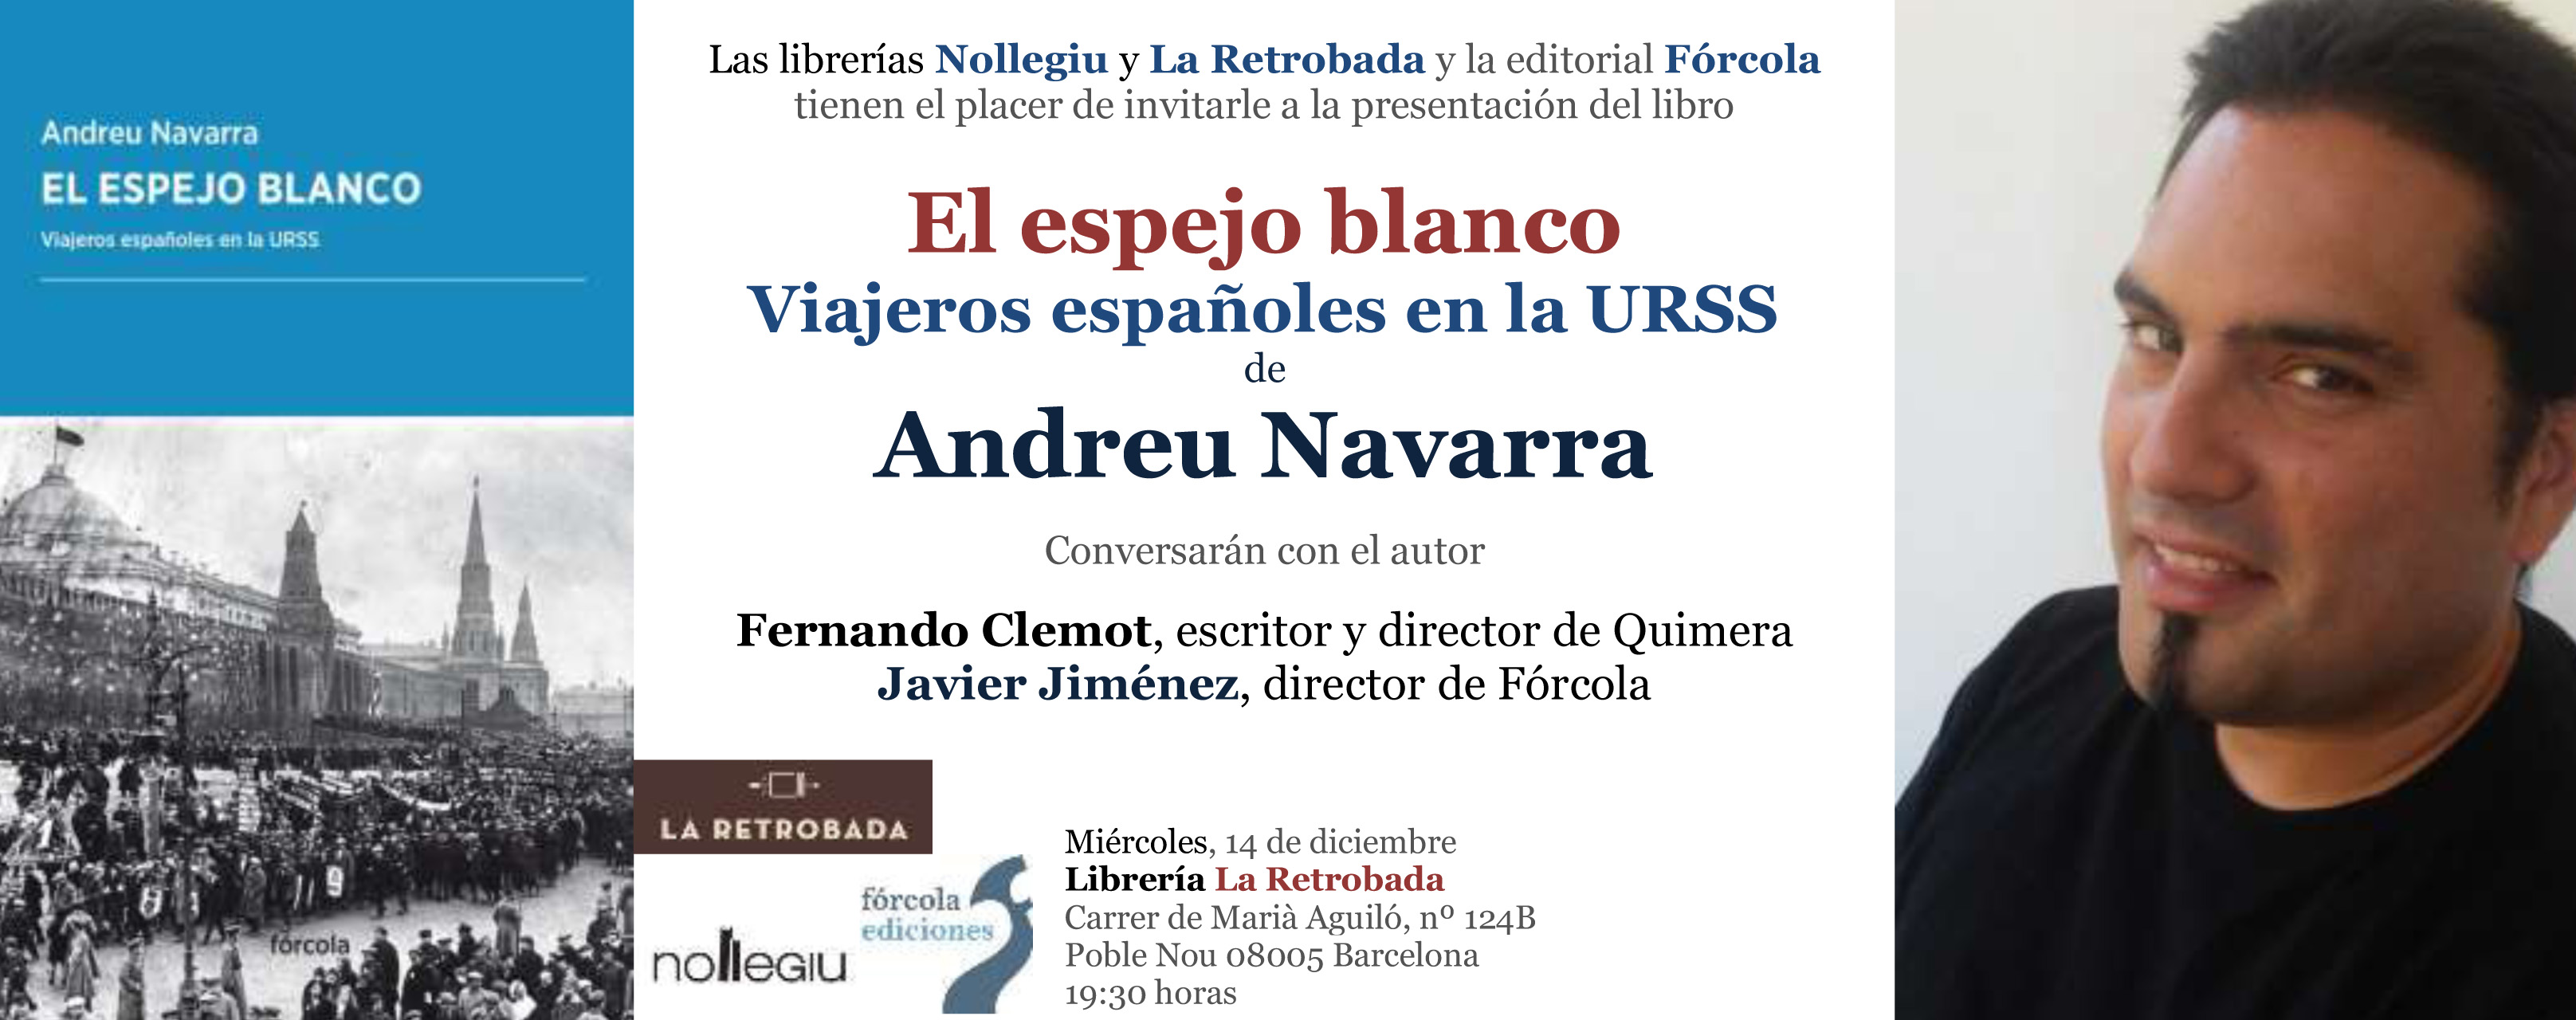 Invitacion_Navarra_Espejo-blanco